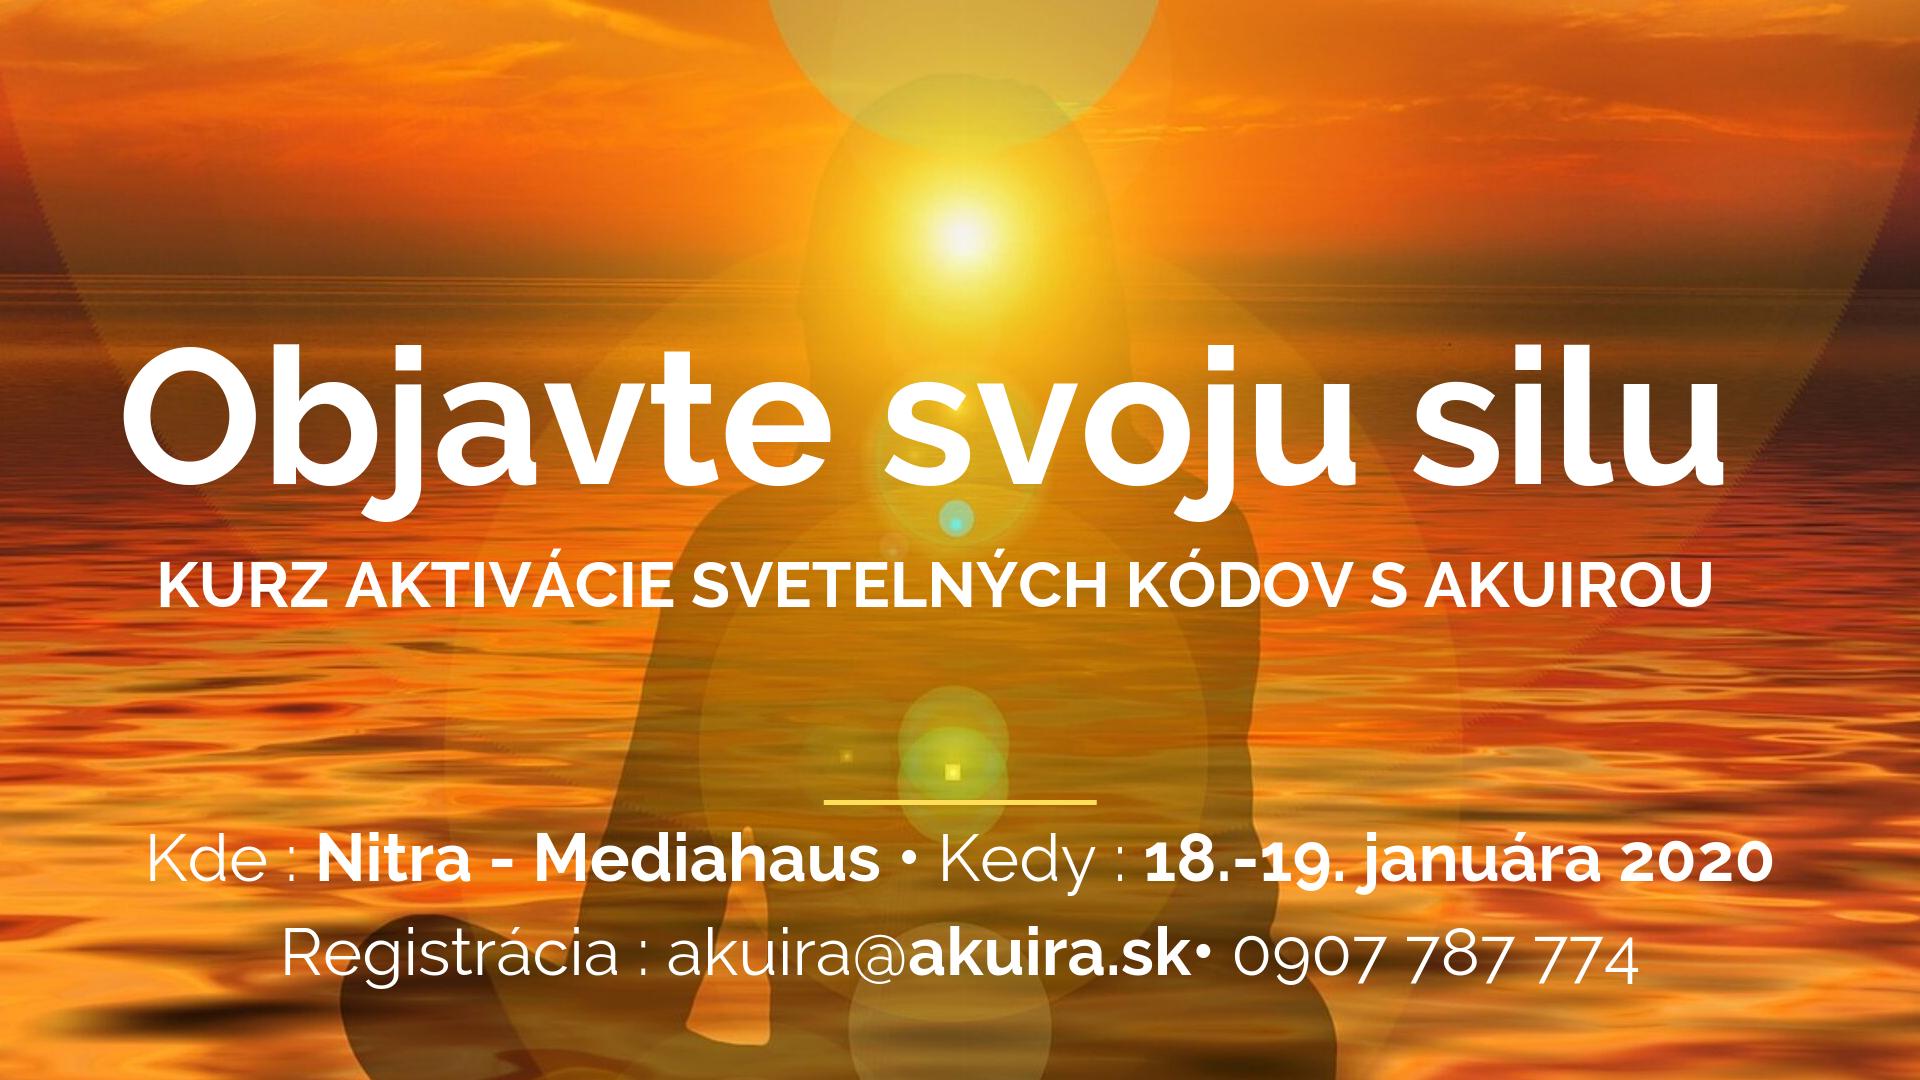 Aktivácia svetelných kódov - harmonizácia 16 oblastí života cez Akášický zdroj - kurz s Akuirou 18.-19.1.2019